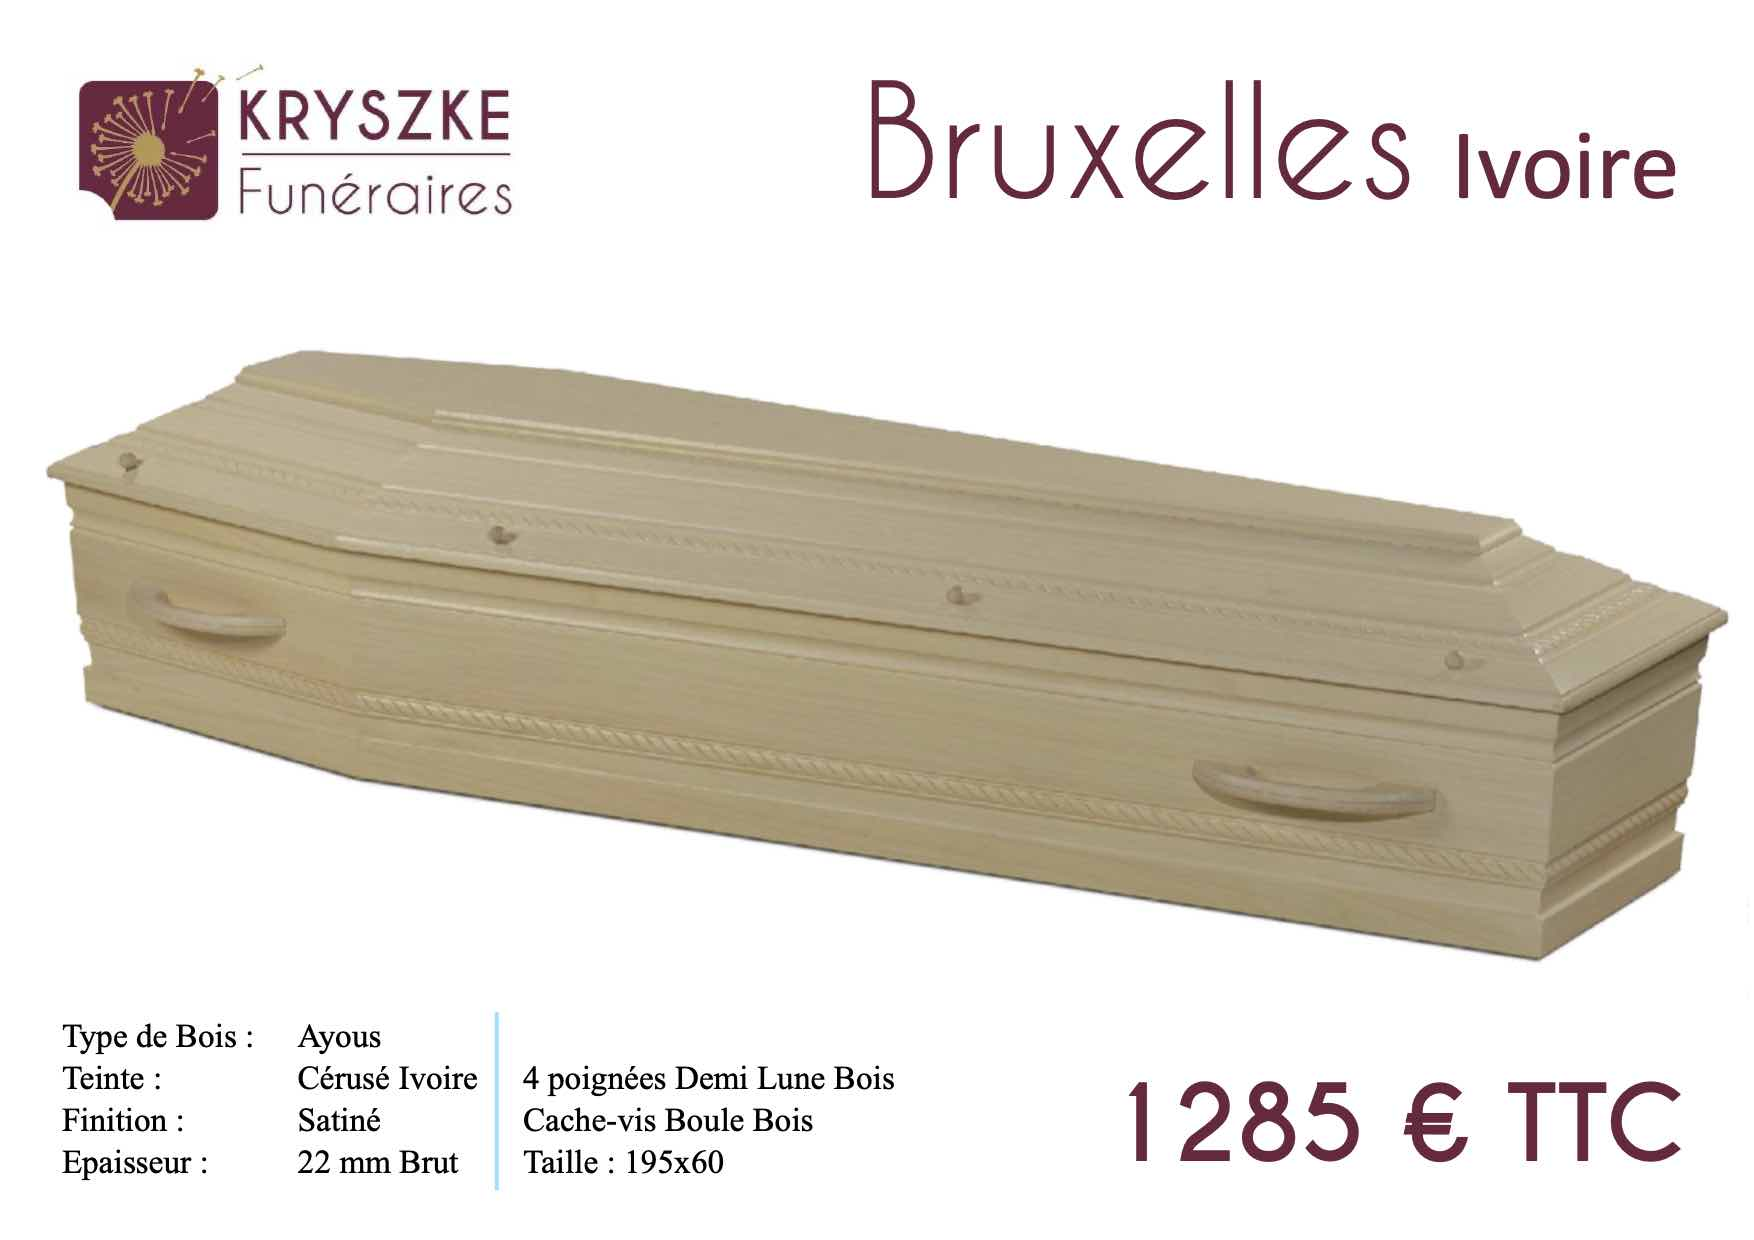 Bruxelles Ivoire